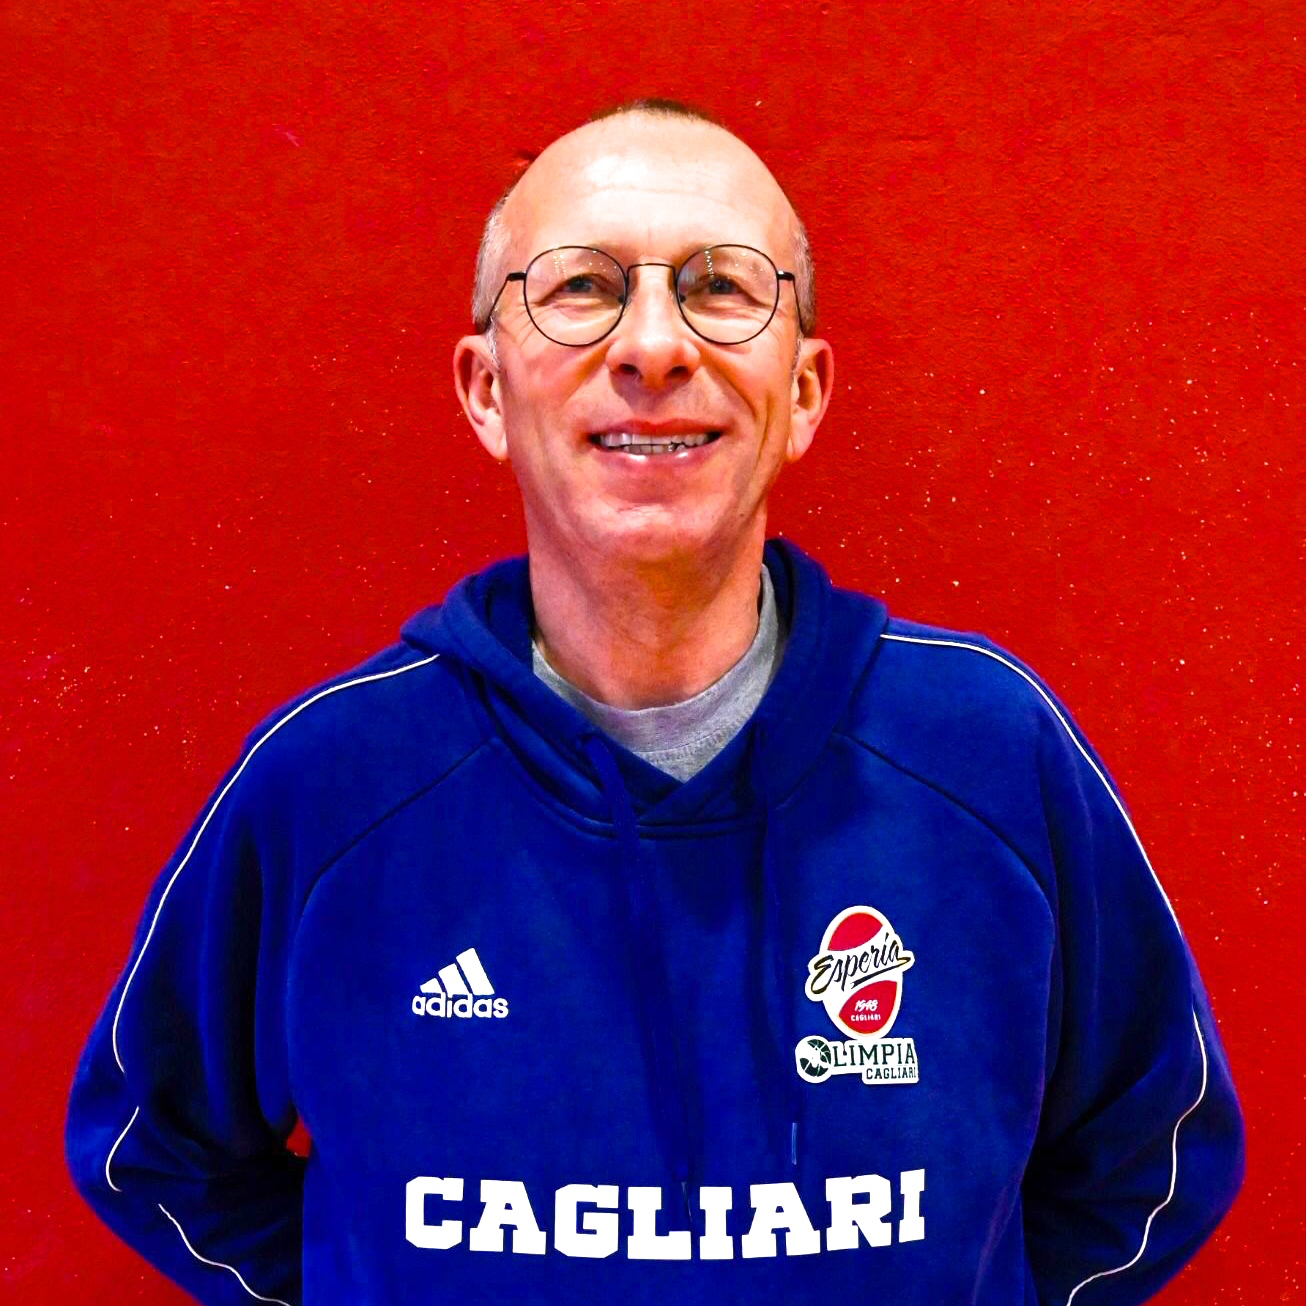 Fabio Capra